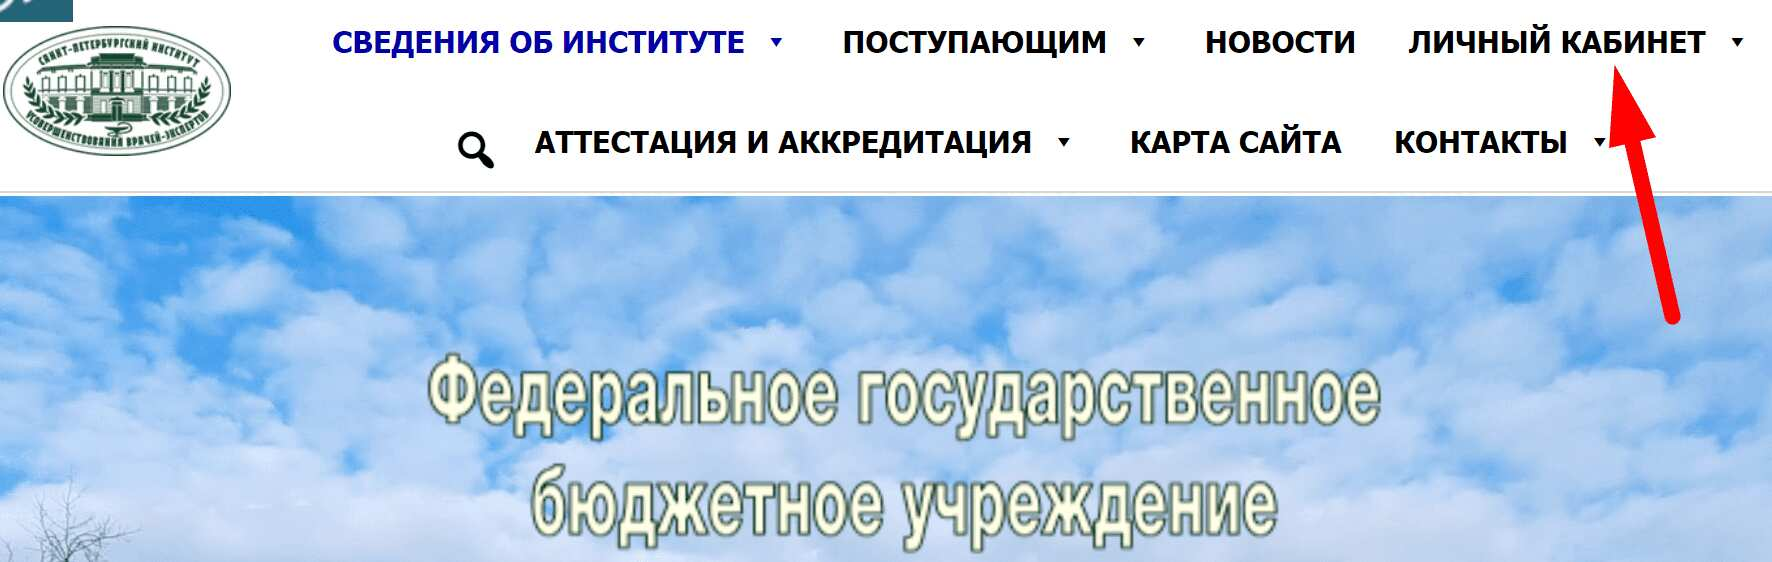 Официальный сайт института «СПбИУВЭК»